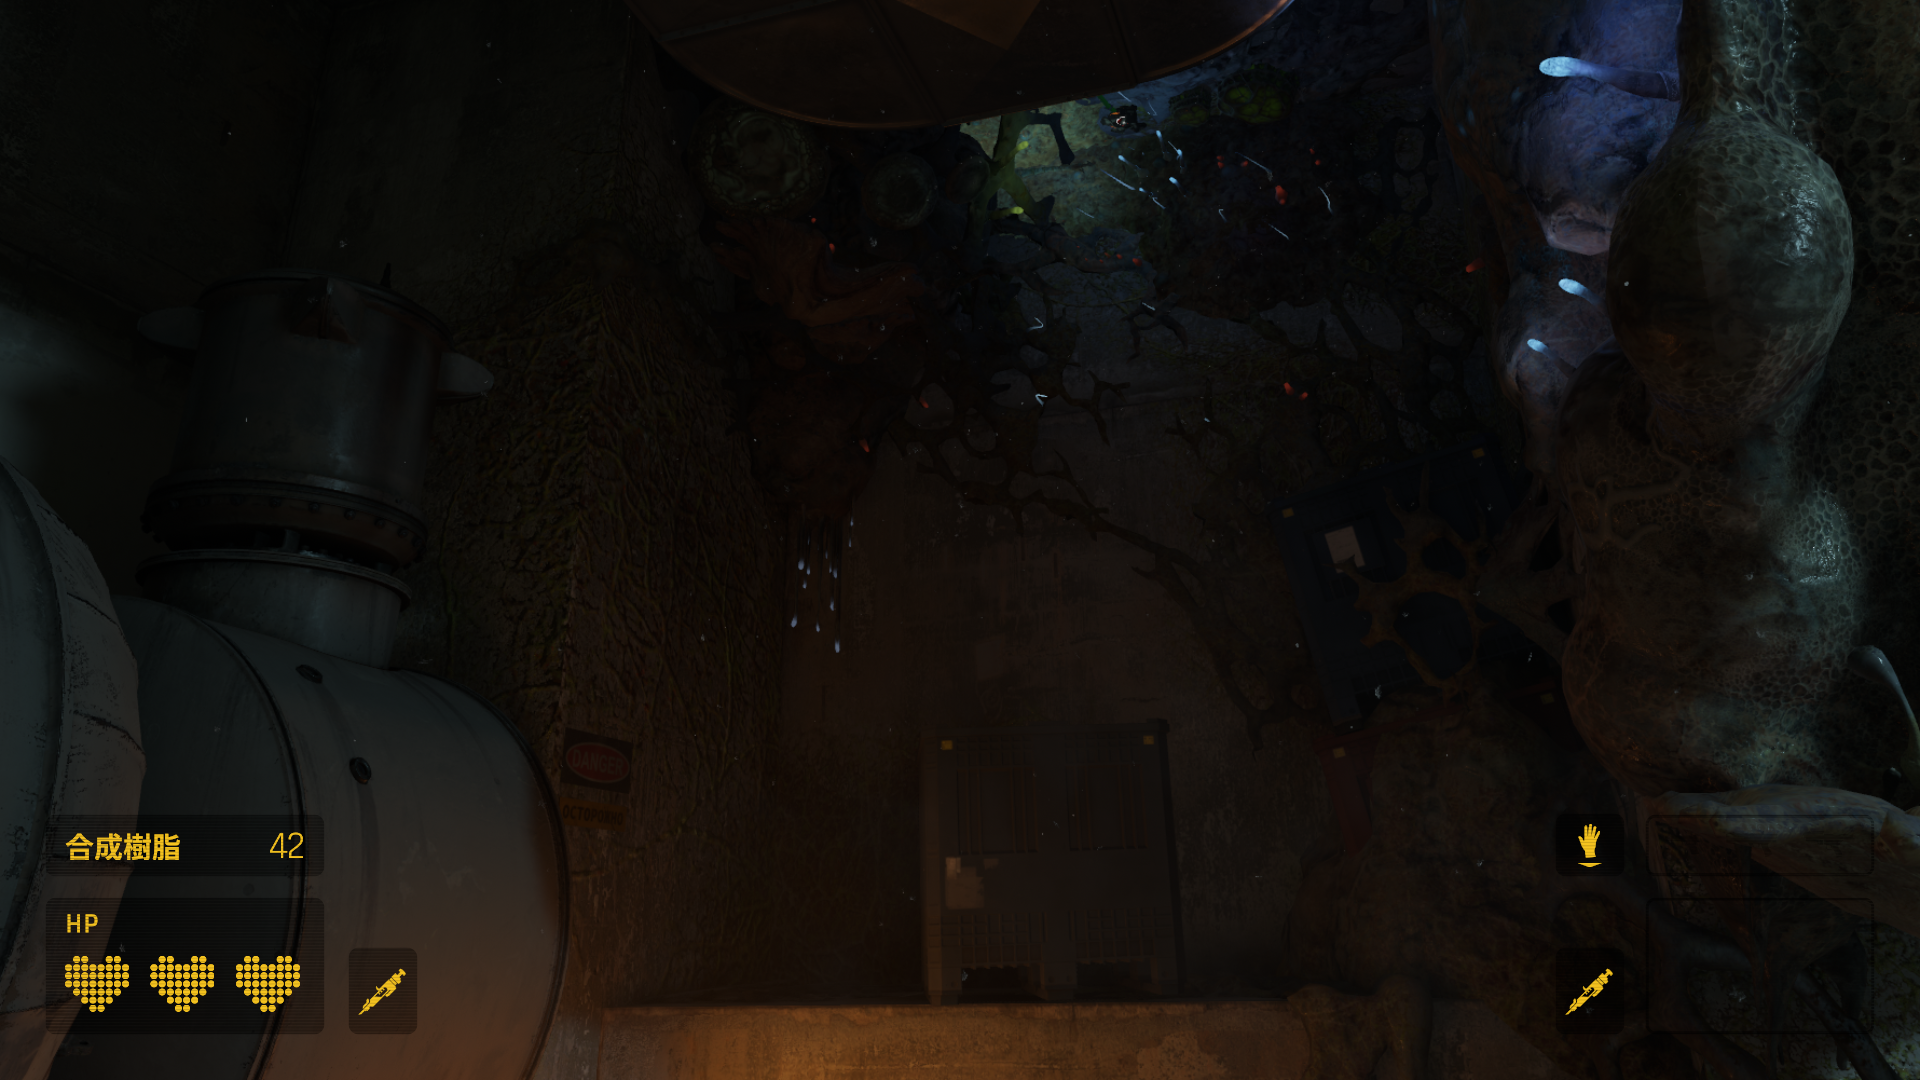 【Half-Life Alyx】引っかかりそうな難しいポイントを攻略する5